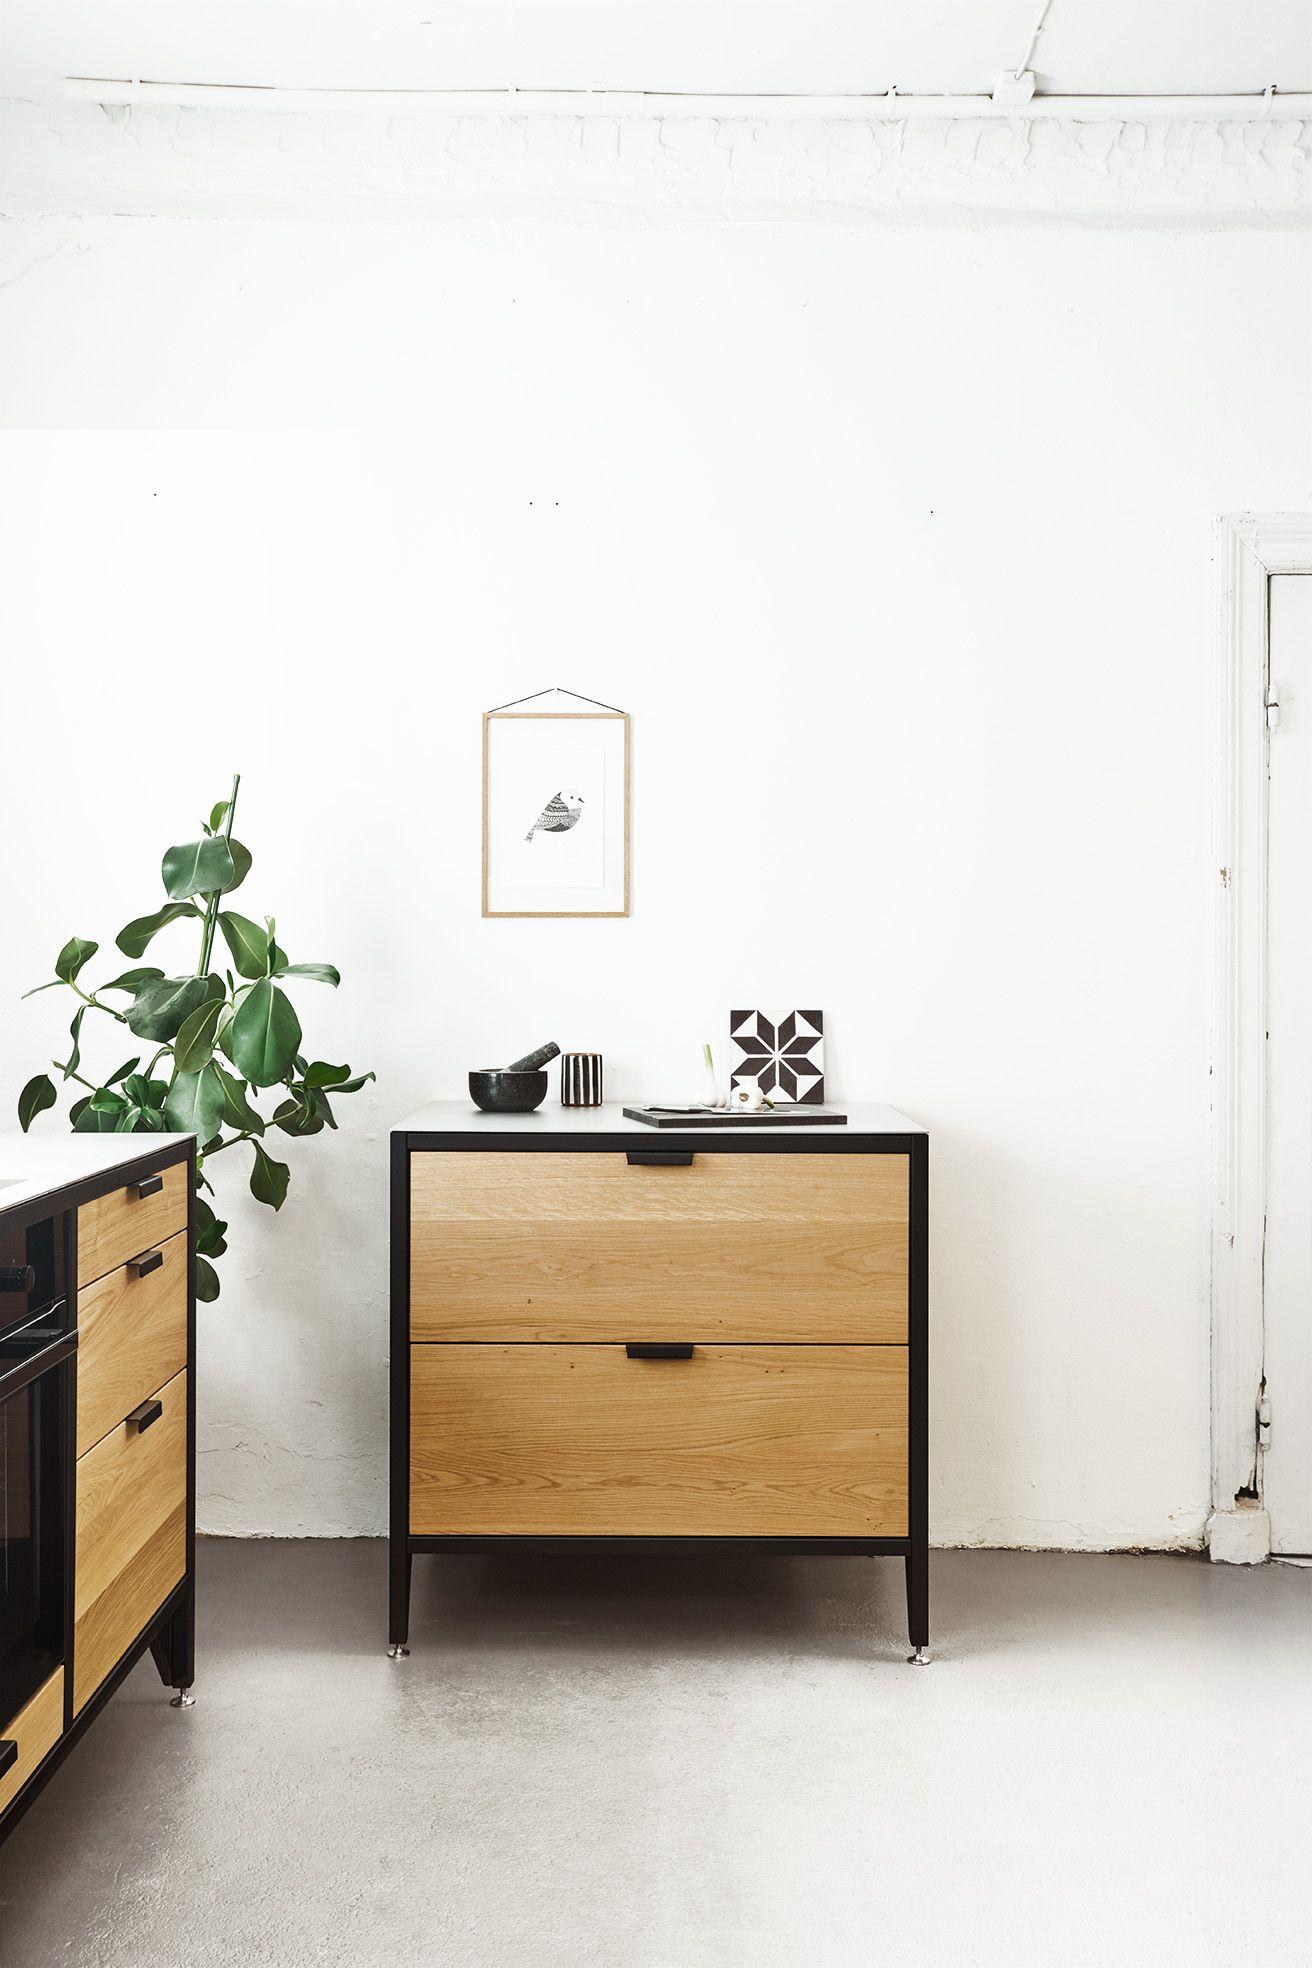 Full Size of Ein Einzelner Kchenschrank Oder Eine Ganze Kche Werk Modulküche Holz Ikea Wohnzimmer Cocoon Modulküche